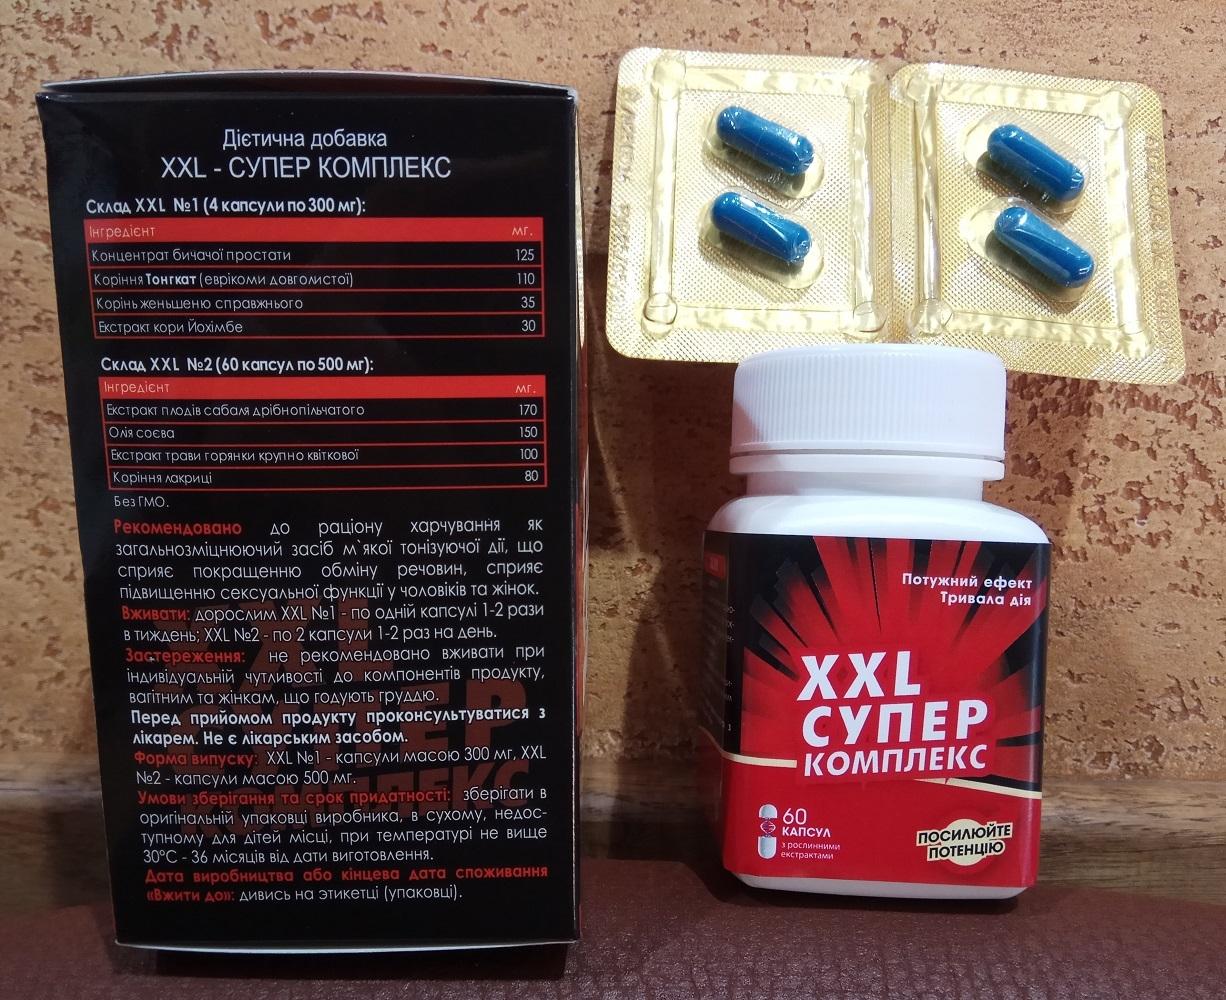 Препараты для повышения потенции таблетки капсулы гели